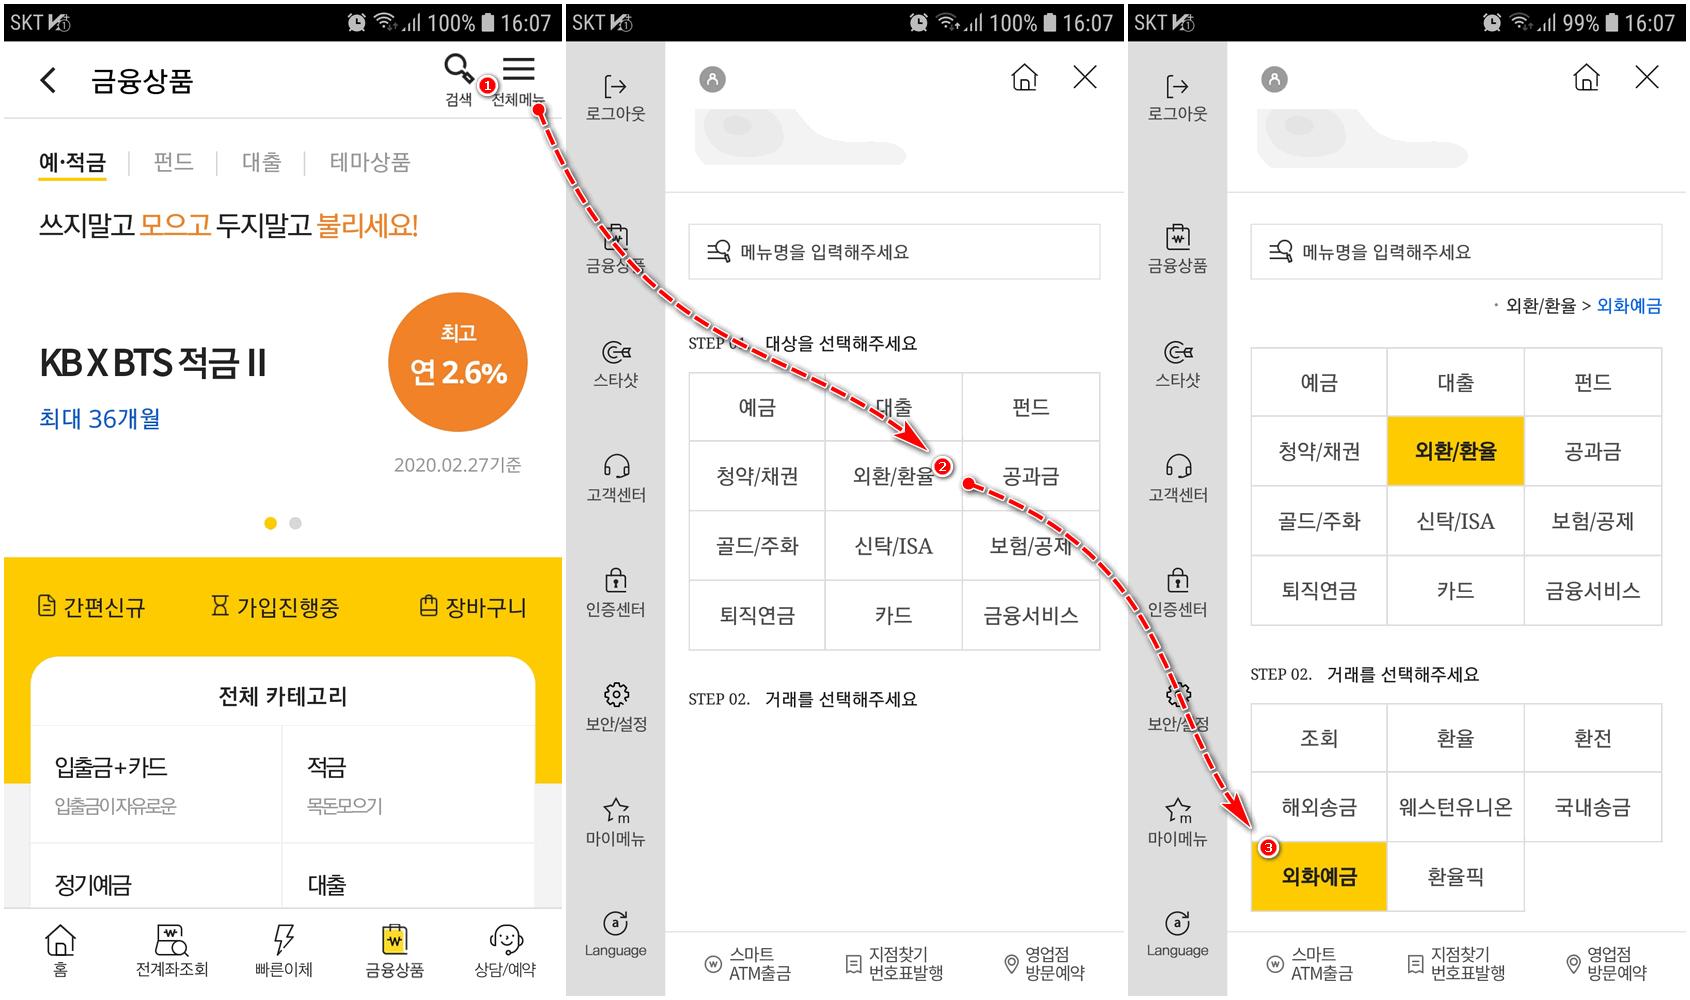 국민은행 외화통장 개설 절차1